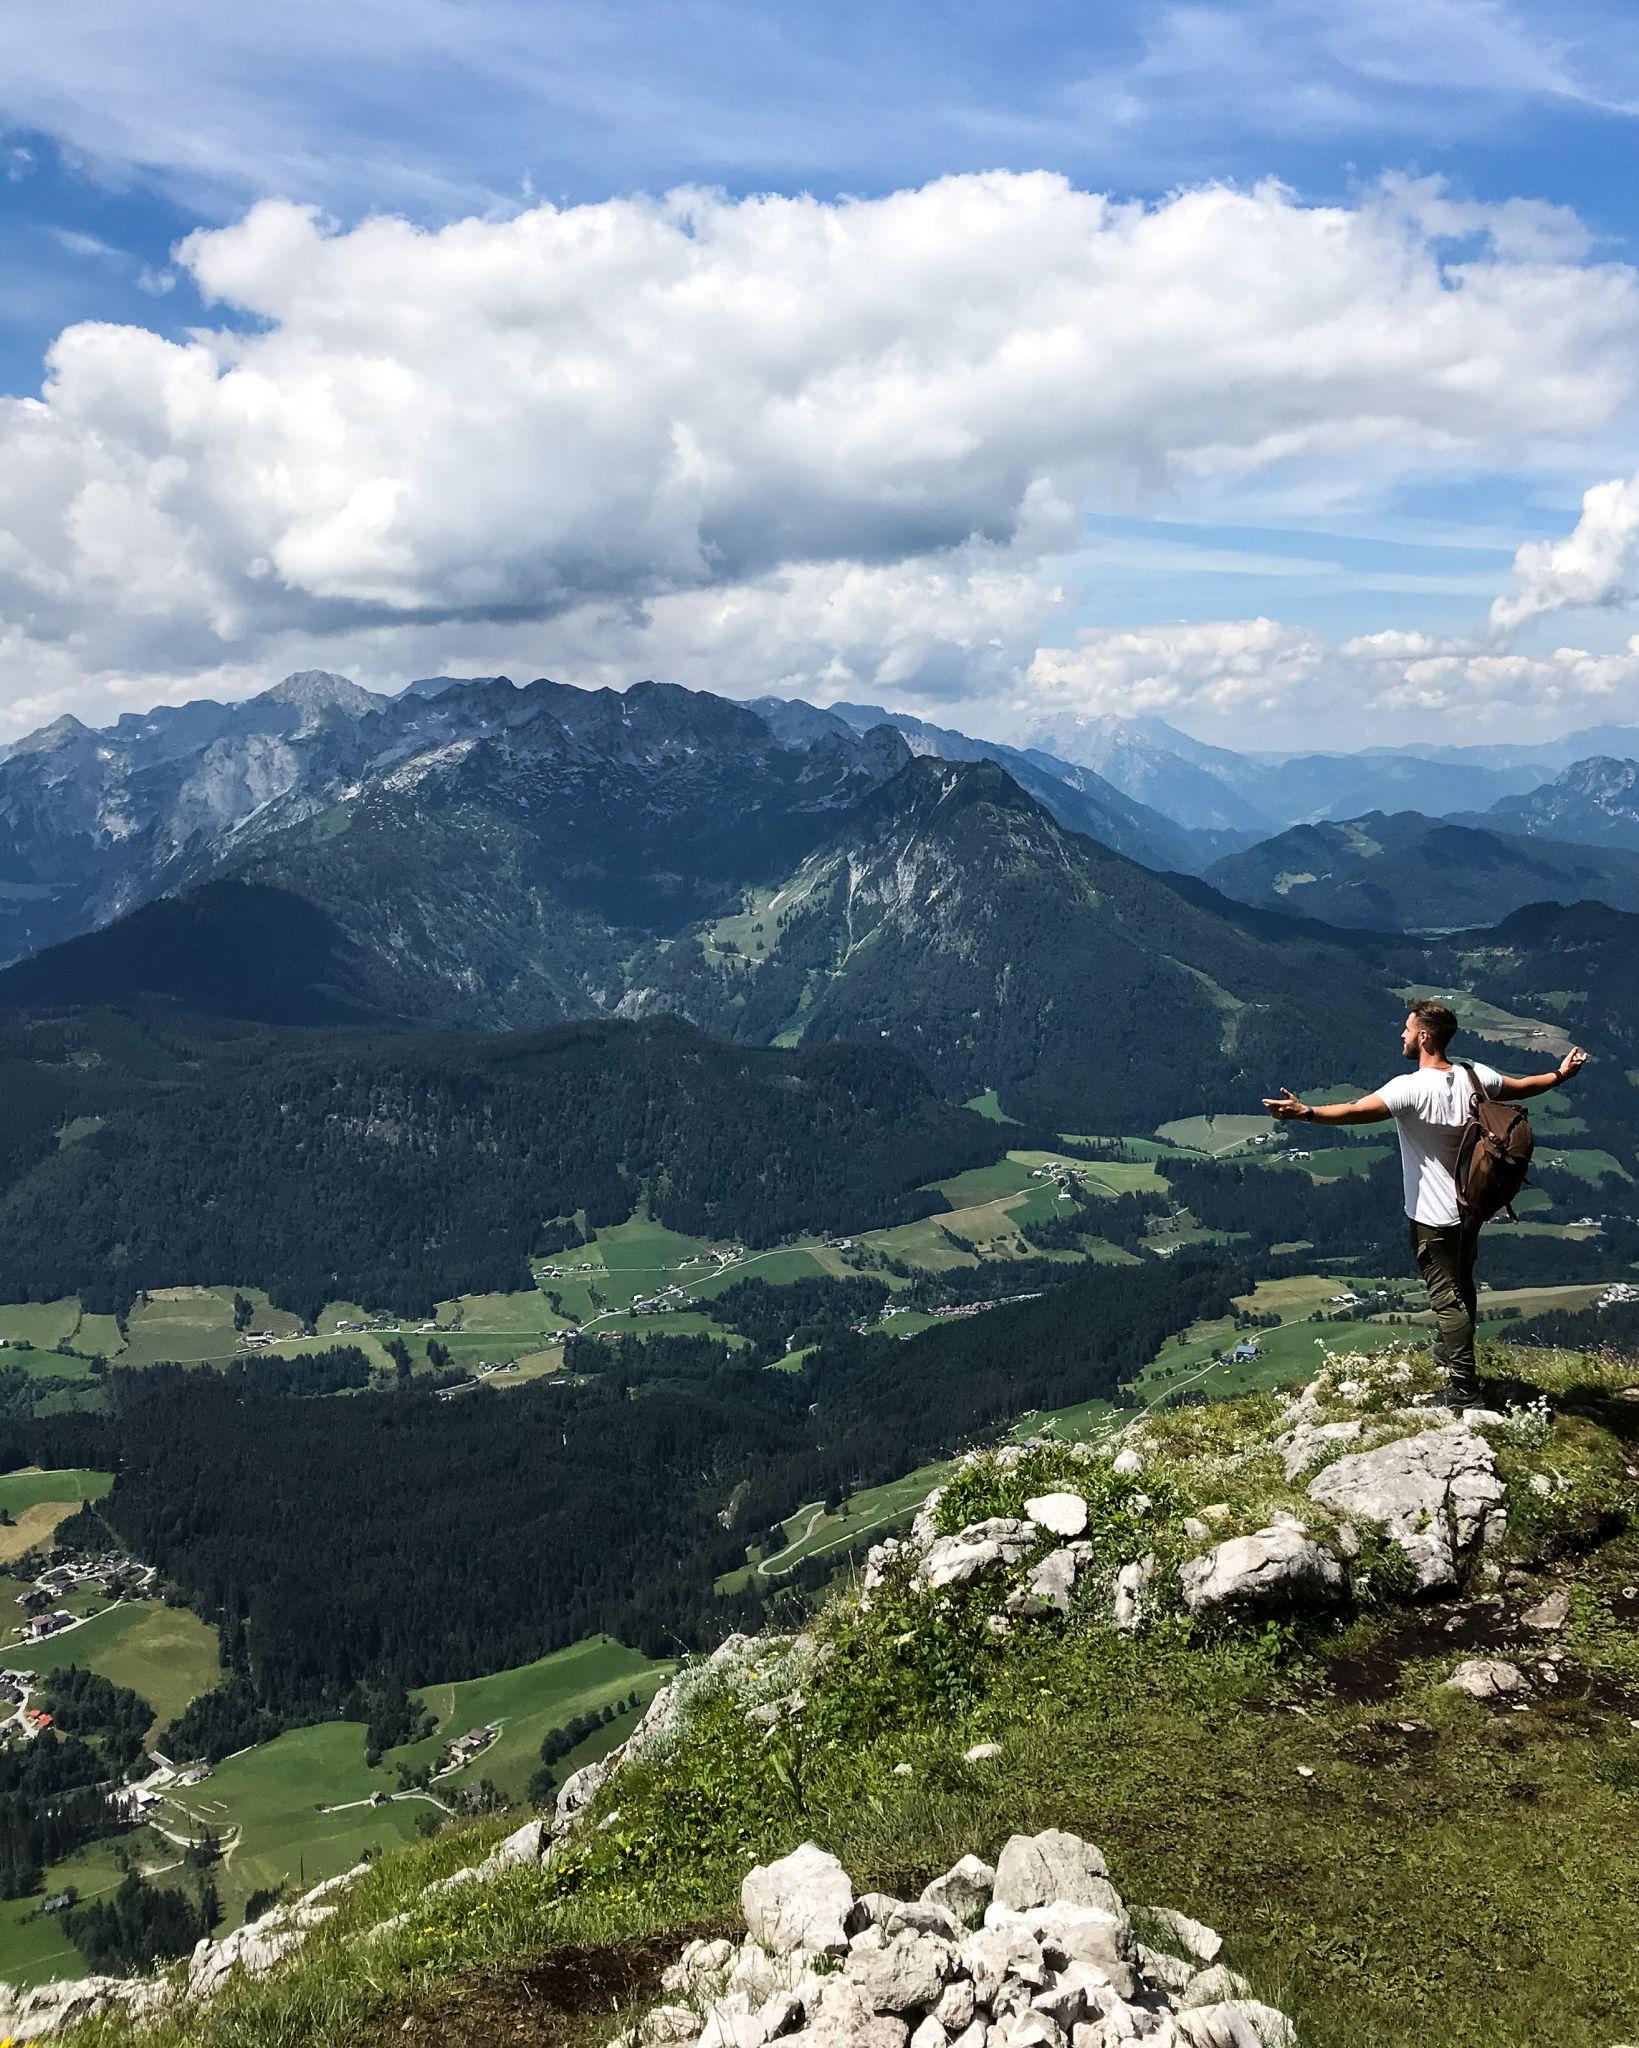 Wundervolle-Aussicht-auf-dem-Weg-zum-Donnerkogel-Annaberg-Lungötz-©Patrick-Herr